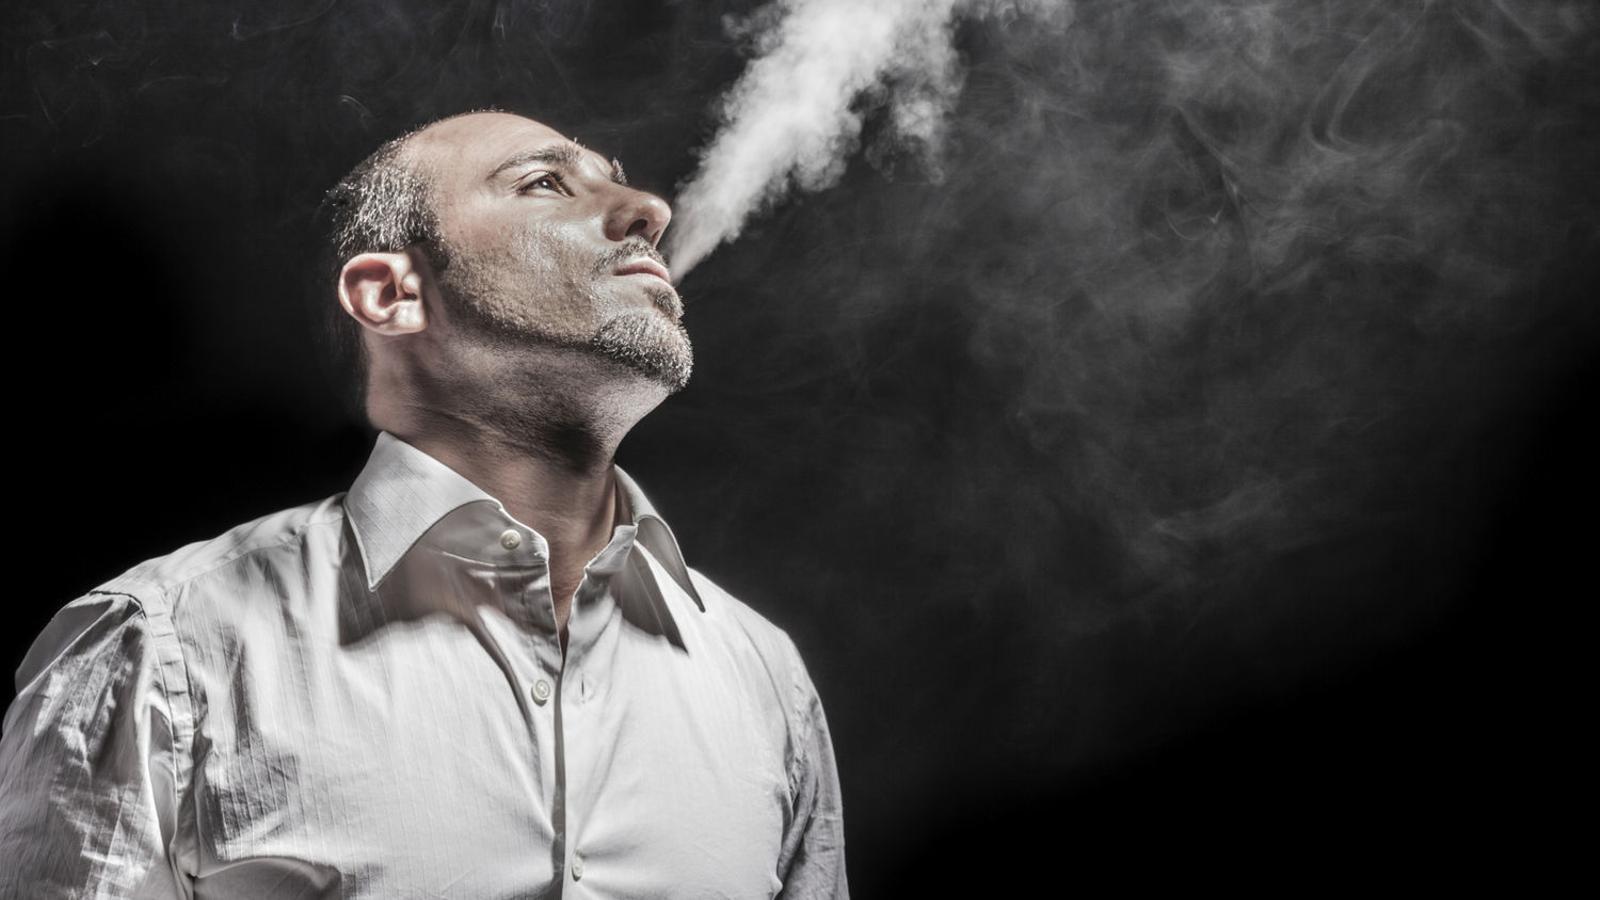 La gran part de les persones que van deixar de fumar ho van fer a partir del 2010 / Getty